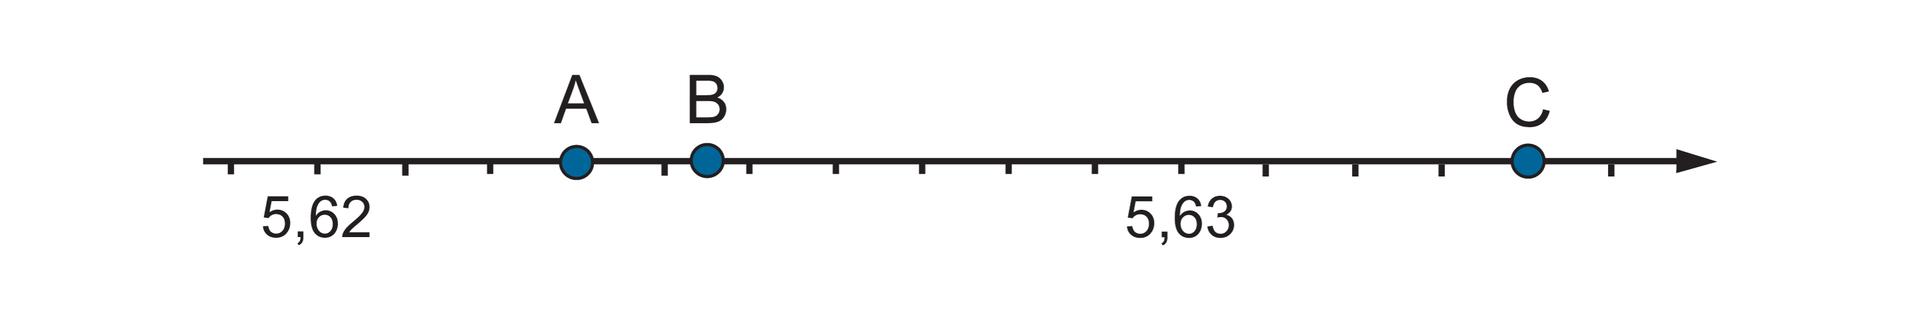 Rysunek osi liczbowej zzaznaczonymi punktami A, B, Coraz 5,62 i5,63. Pomiędzy liczbami dziesięć równych części. Szukany punkt Awyznacza trzy części za punktem 5,62. Szukany punkt Bwpołowie czwartej ipiątej części za punktem 5,62. Szukany punkt Cwyznacza cztery części za punktem 5,63.